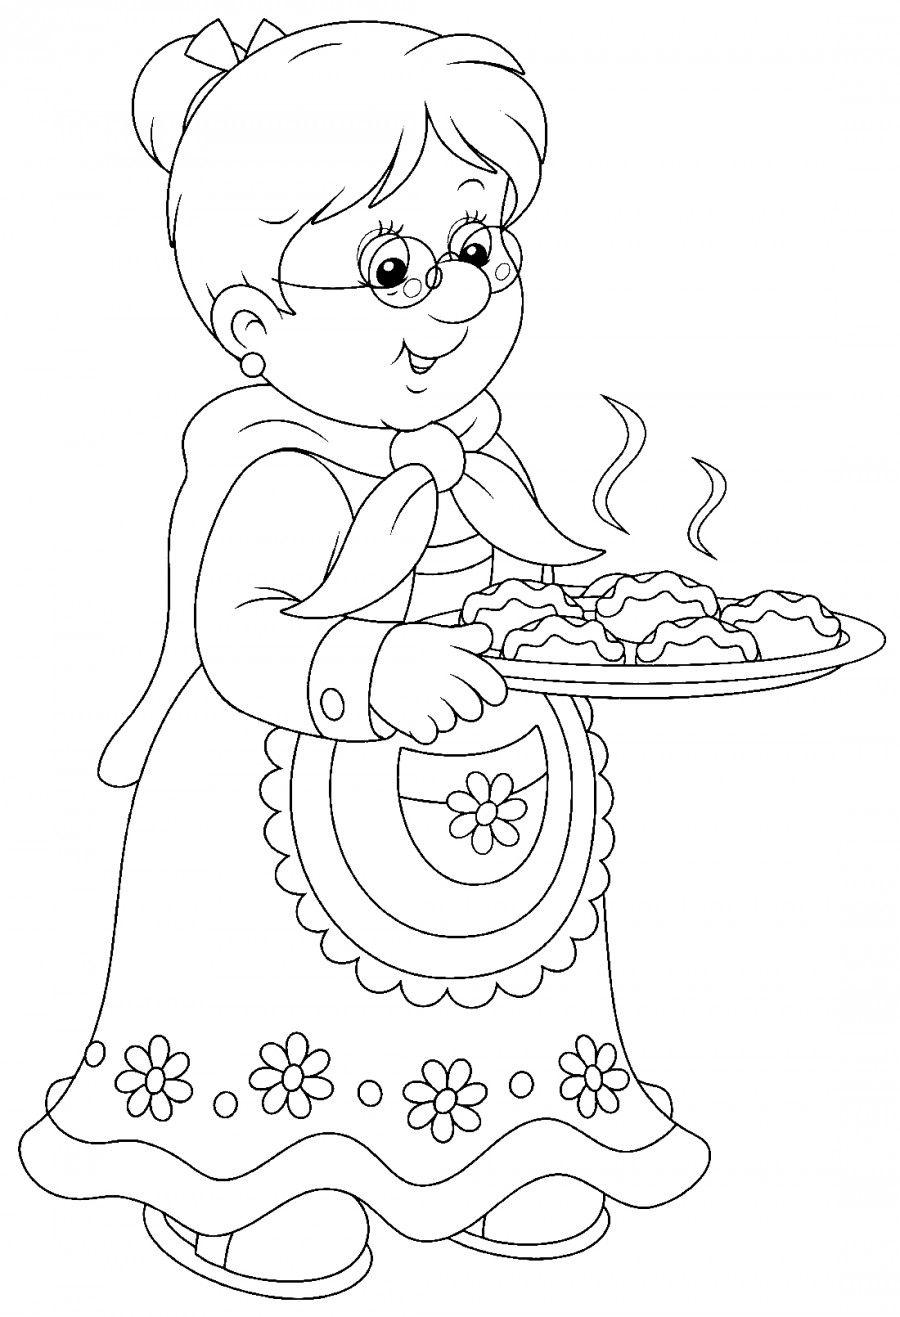 Бабушка с пирогами - раскраска №11841 | Раскраски, Бабушки ...